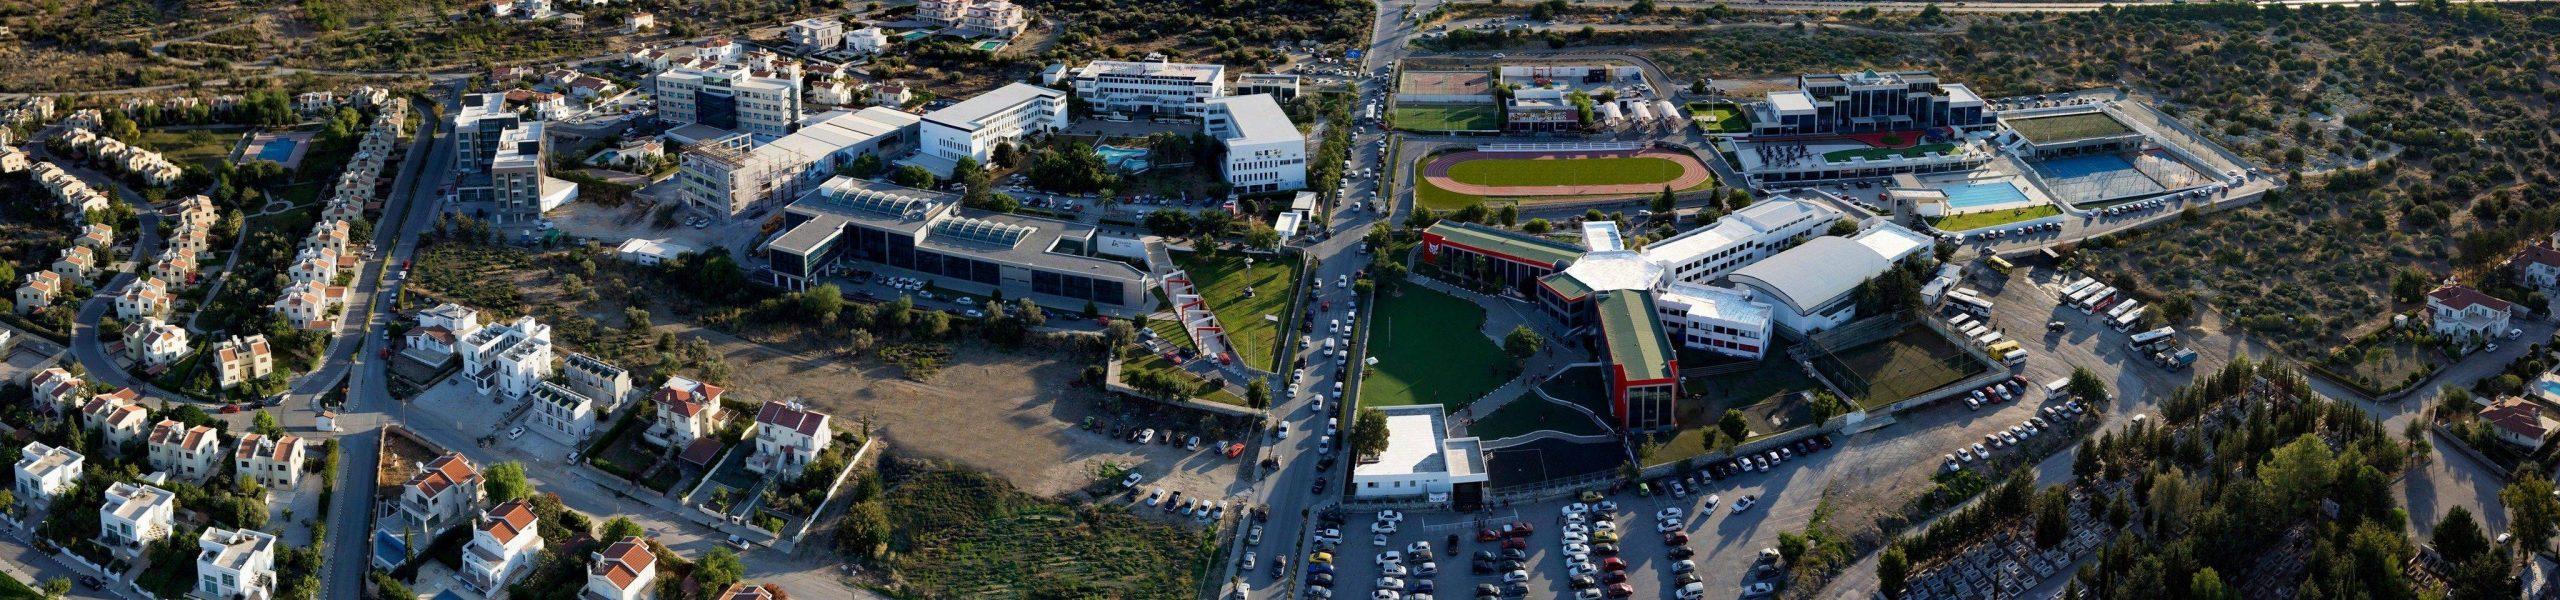 Girne Amerikan Üniversitesi Taksi